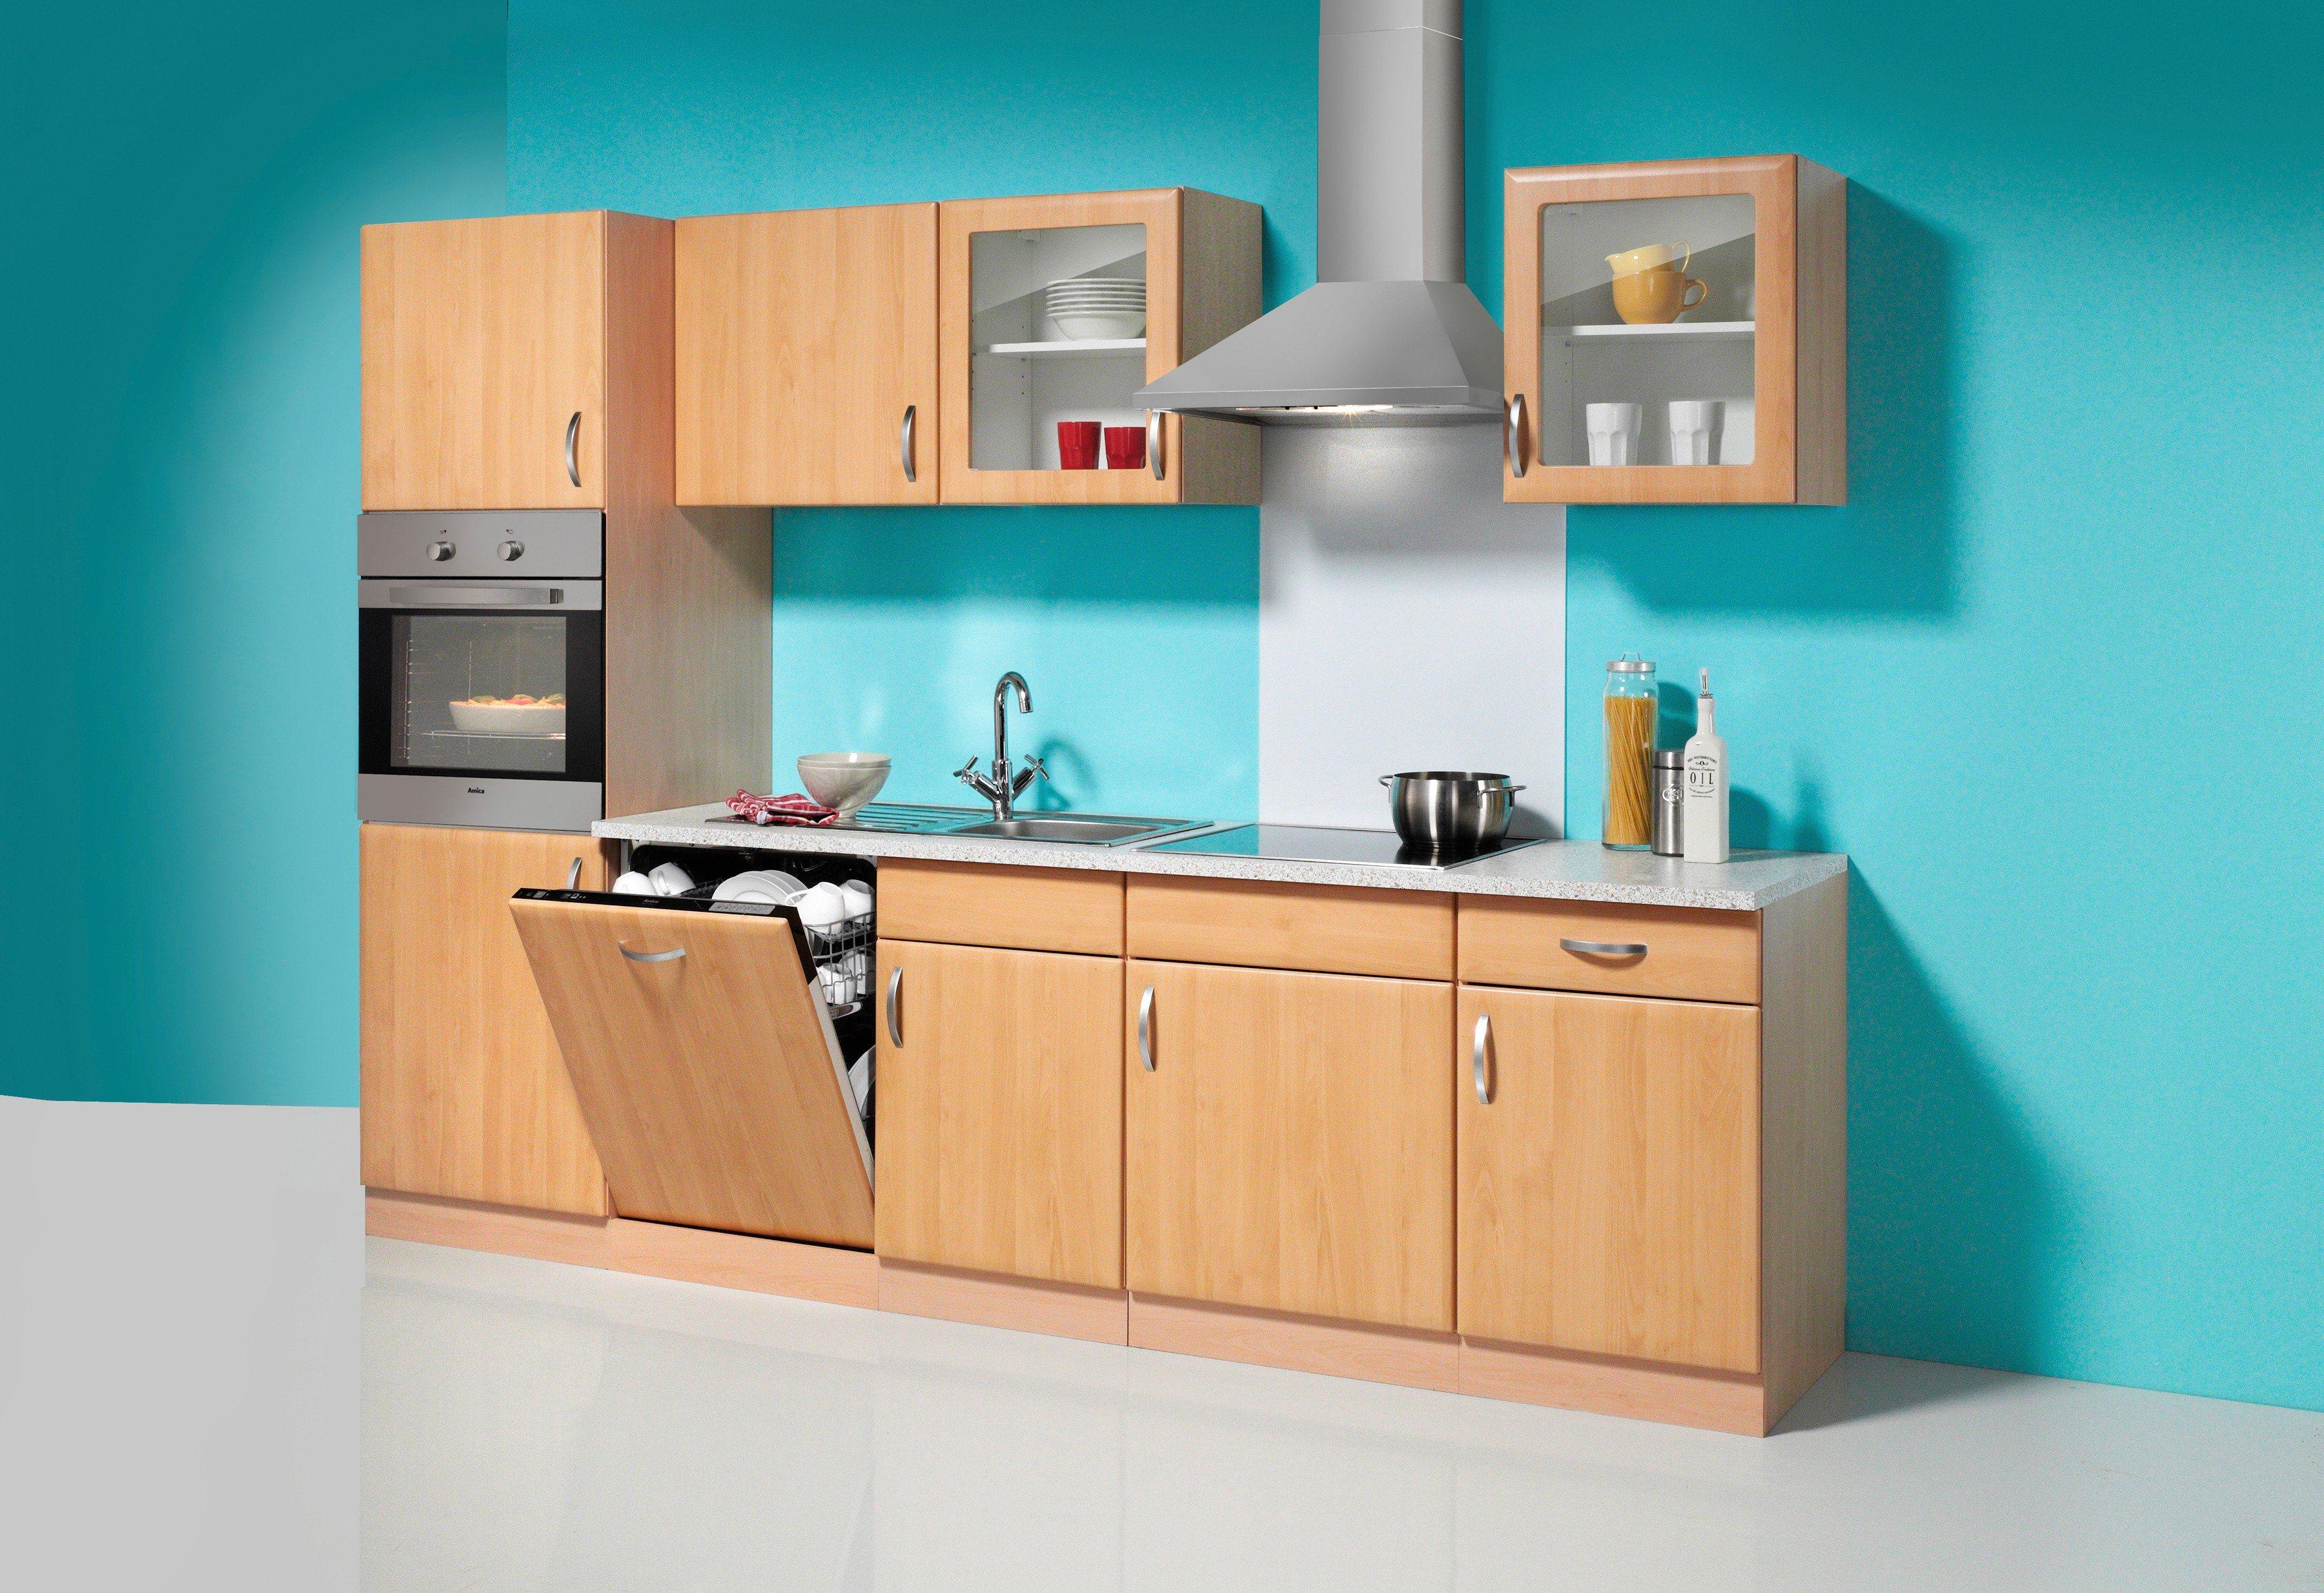 sand k chenzeilen online kaufen m bel suchmaschine. Black Bedroom Furniture Sets. Home Design Ideas